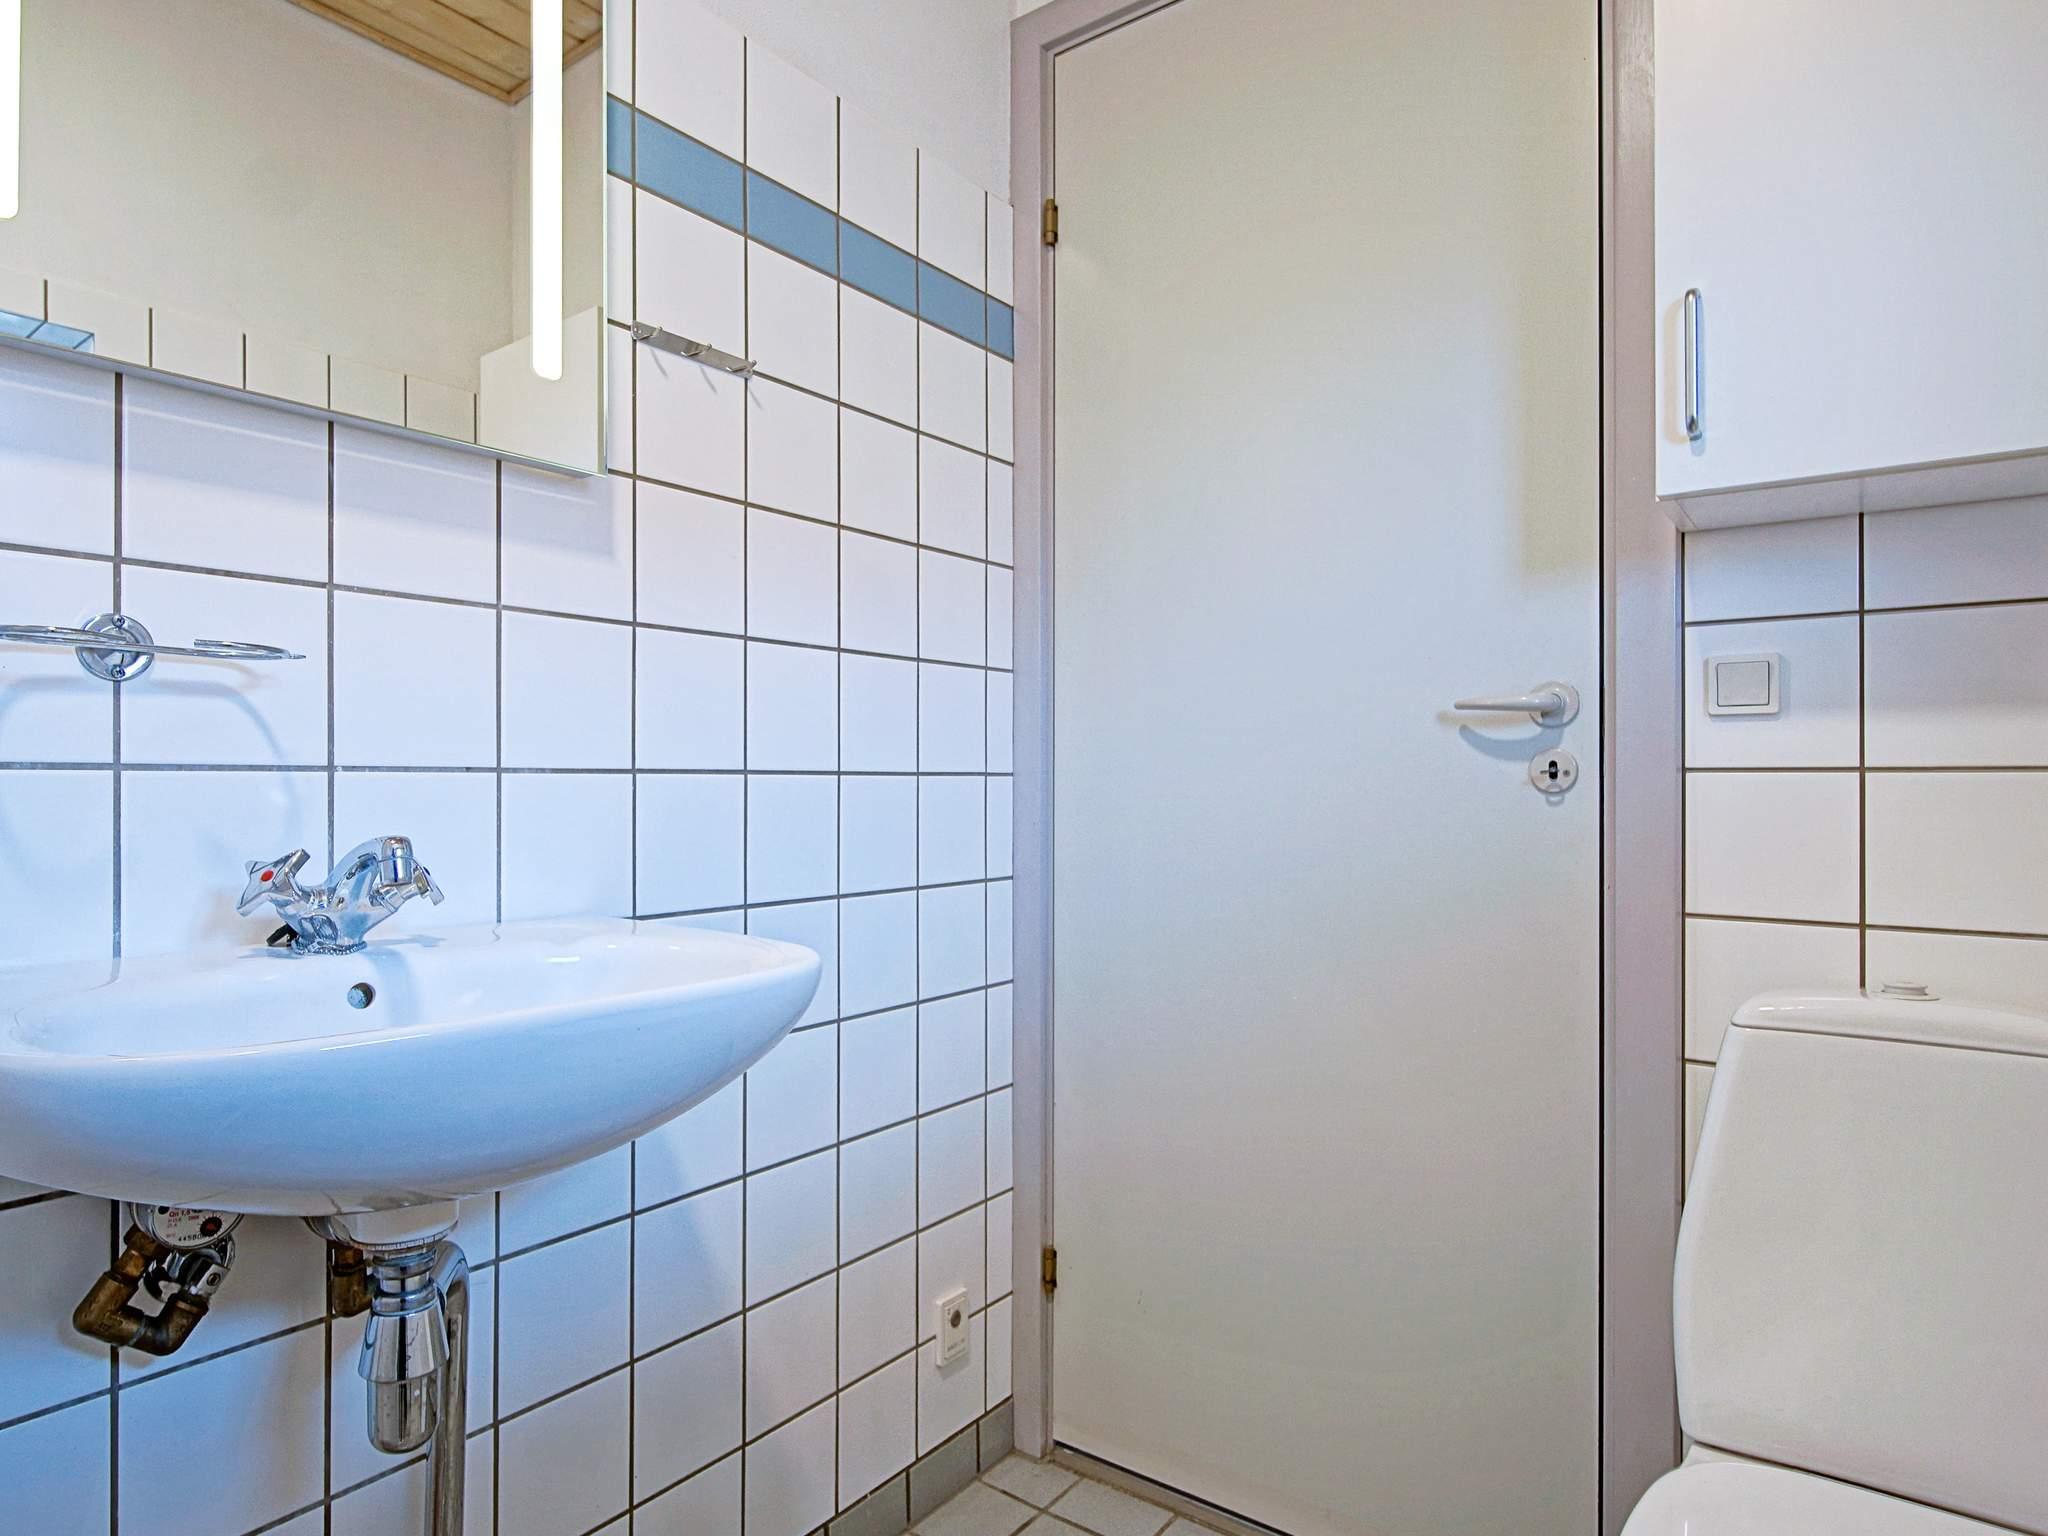 Ferienhaus Gudhjem (385016), Gudhjem, , Bornholm, Dänemark, Bild 5